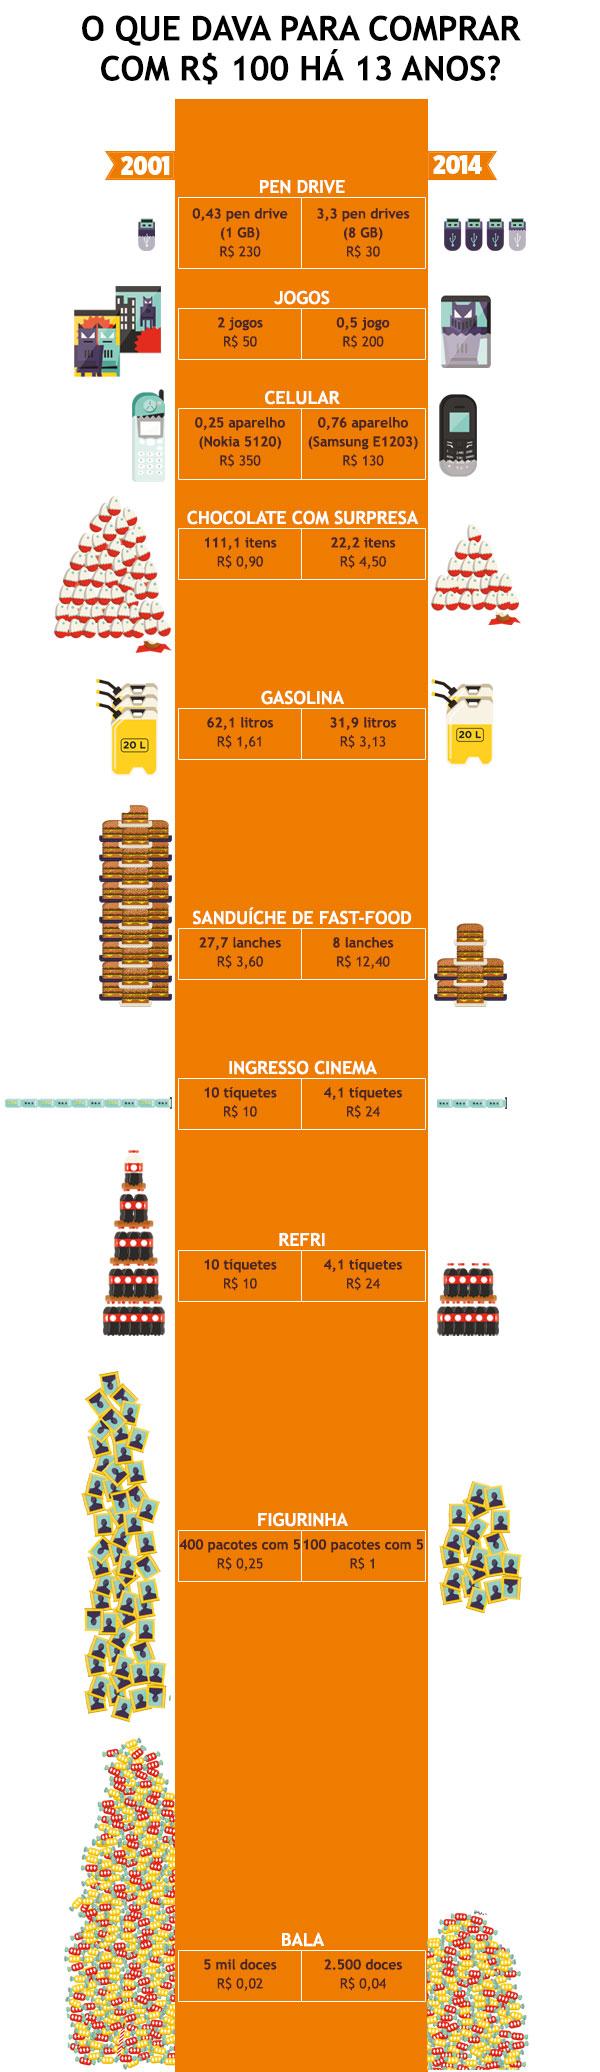 100-reais-prs-156